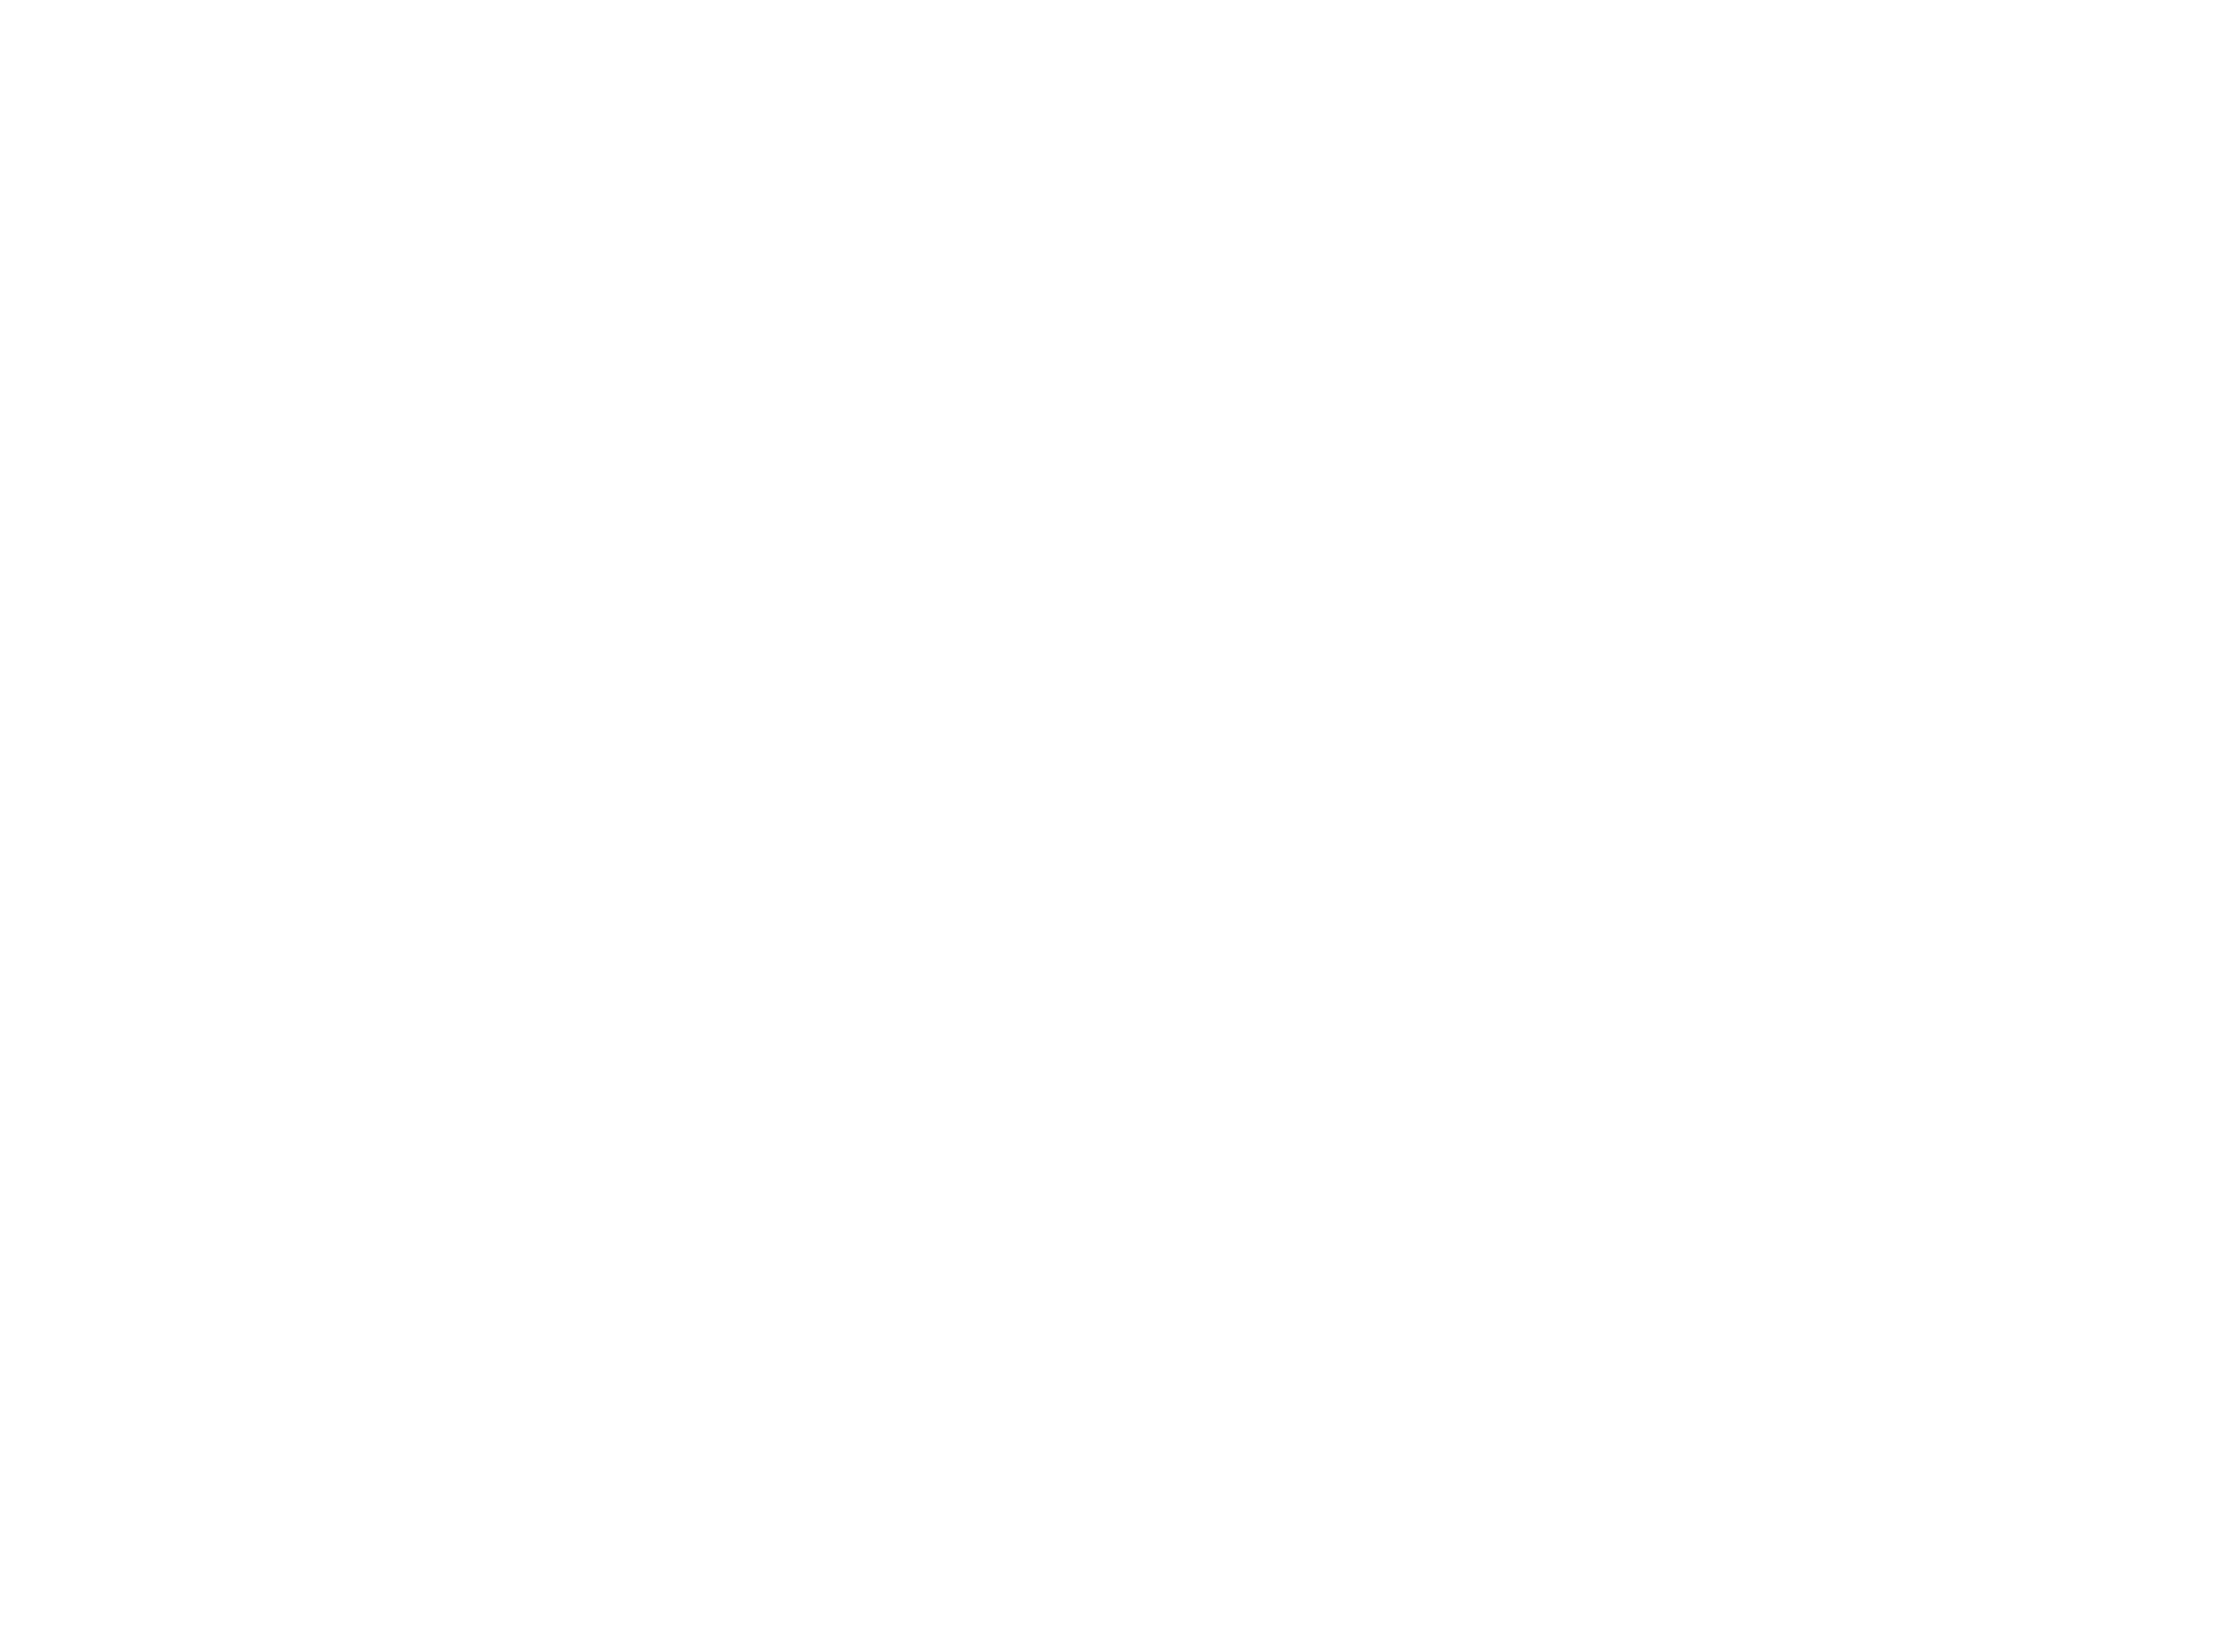 Polderbos